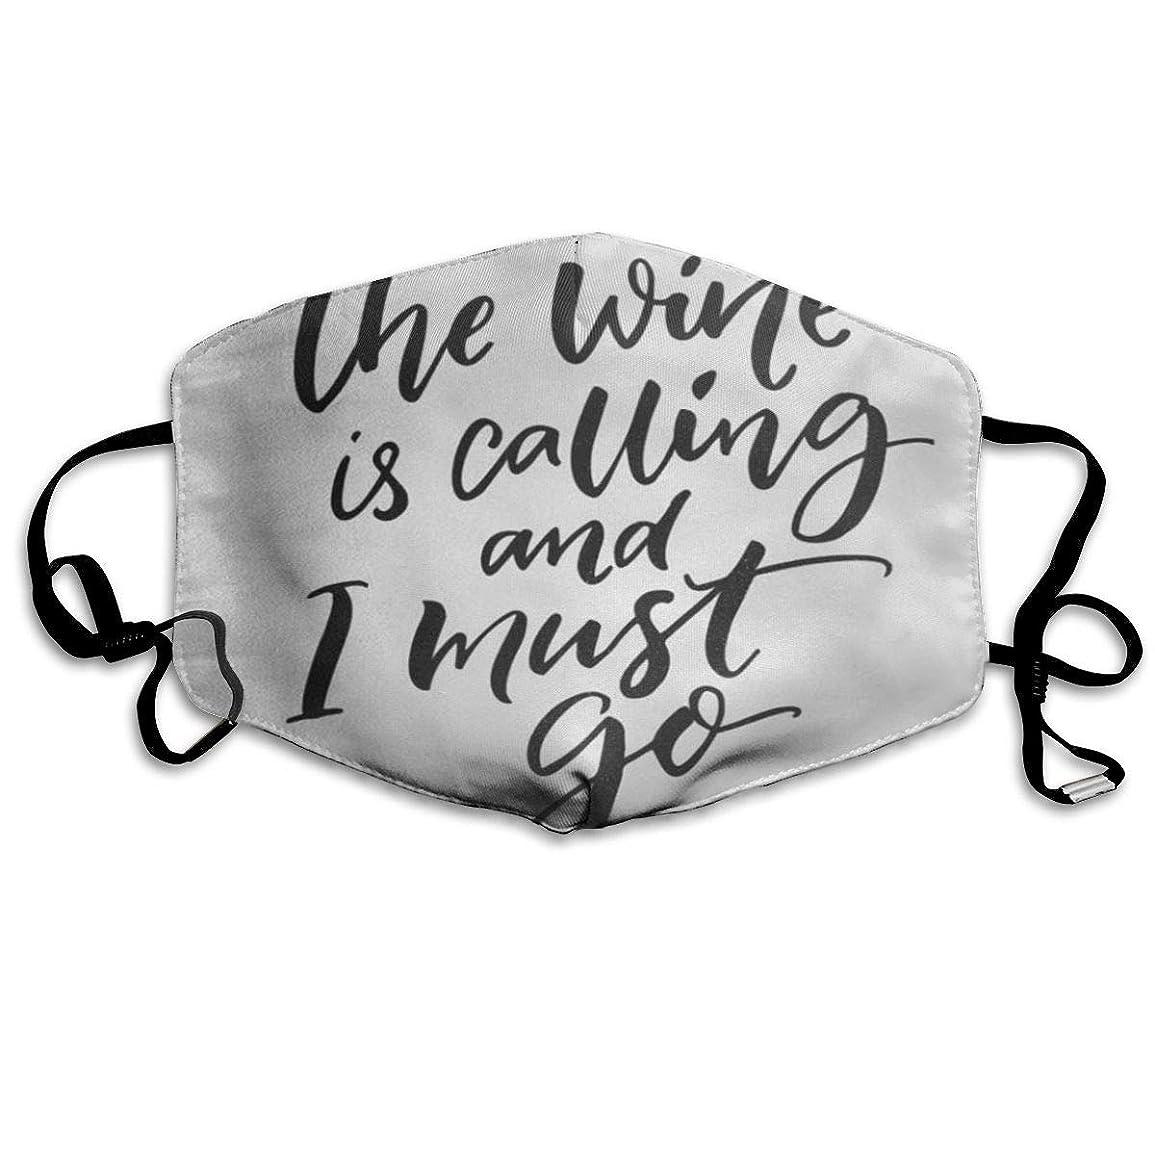 世界的に自宅でドレス、ワインが呼んでいると私は壁のカフェバーを再利用可能な綿口マスク、ファッションアンチダストフェイスマスク女性男性子供のために飲むことについて言って面白い行かなければなりません